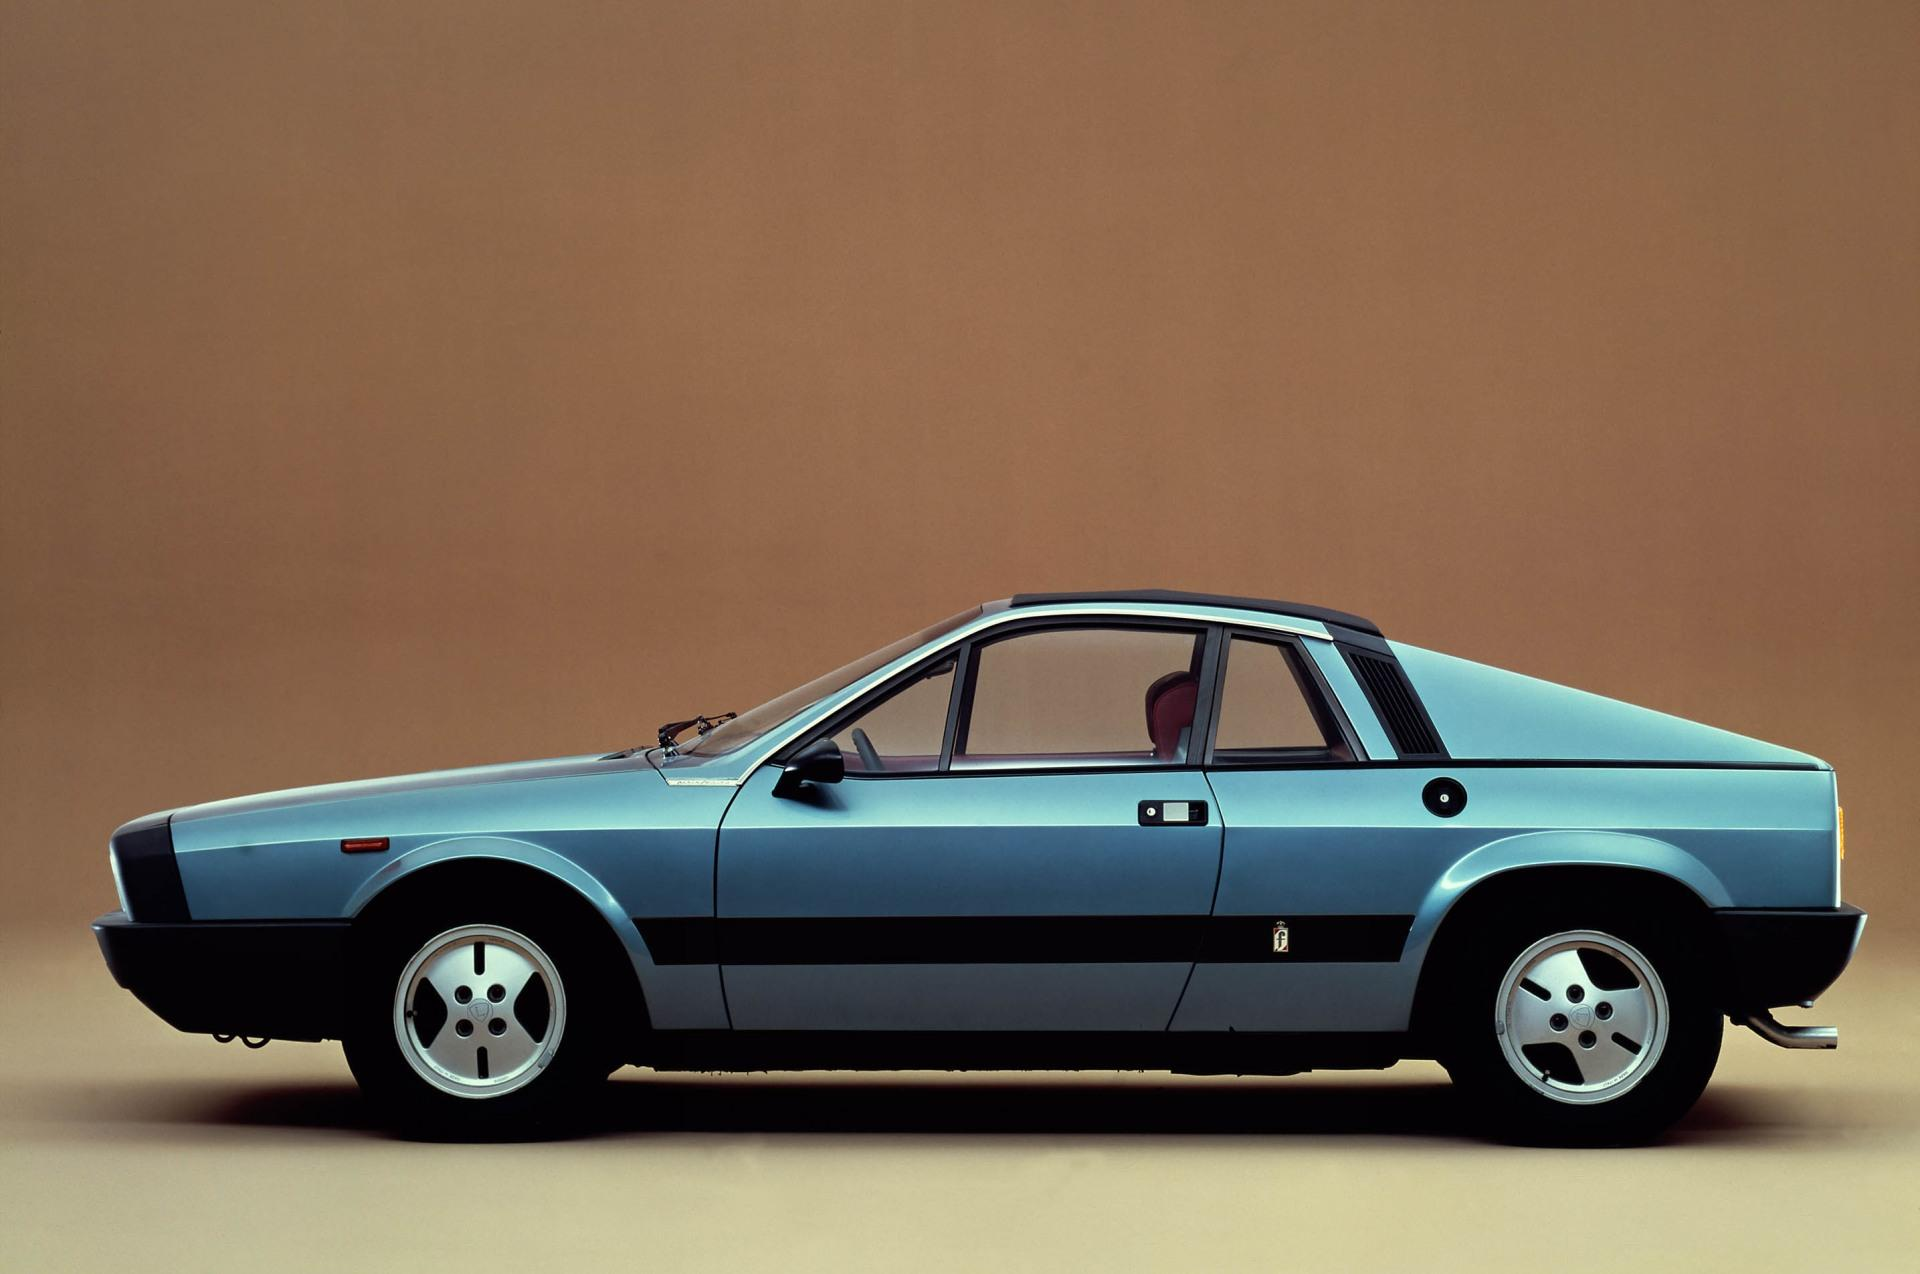 http://www.conceptcarz.com/images/Lancia/Lancia-Beta-Image-00010.jpg